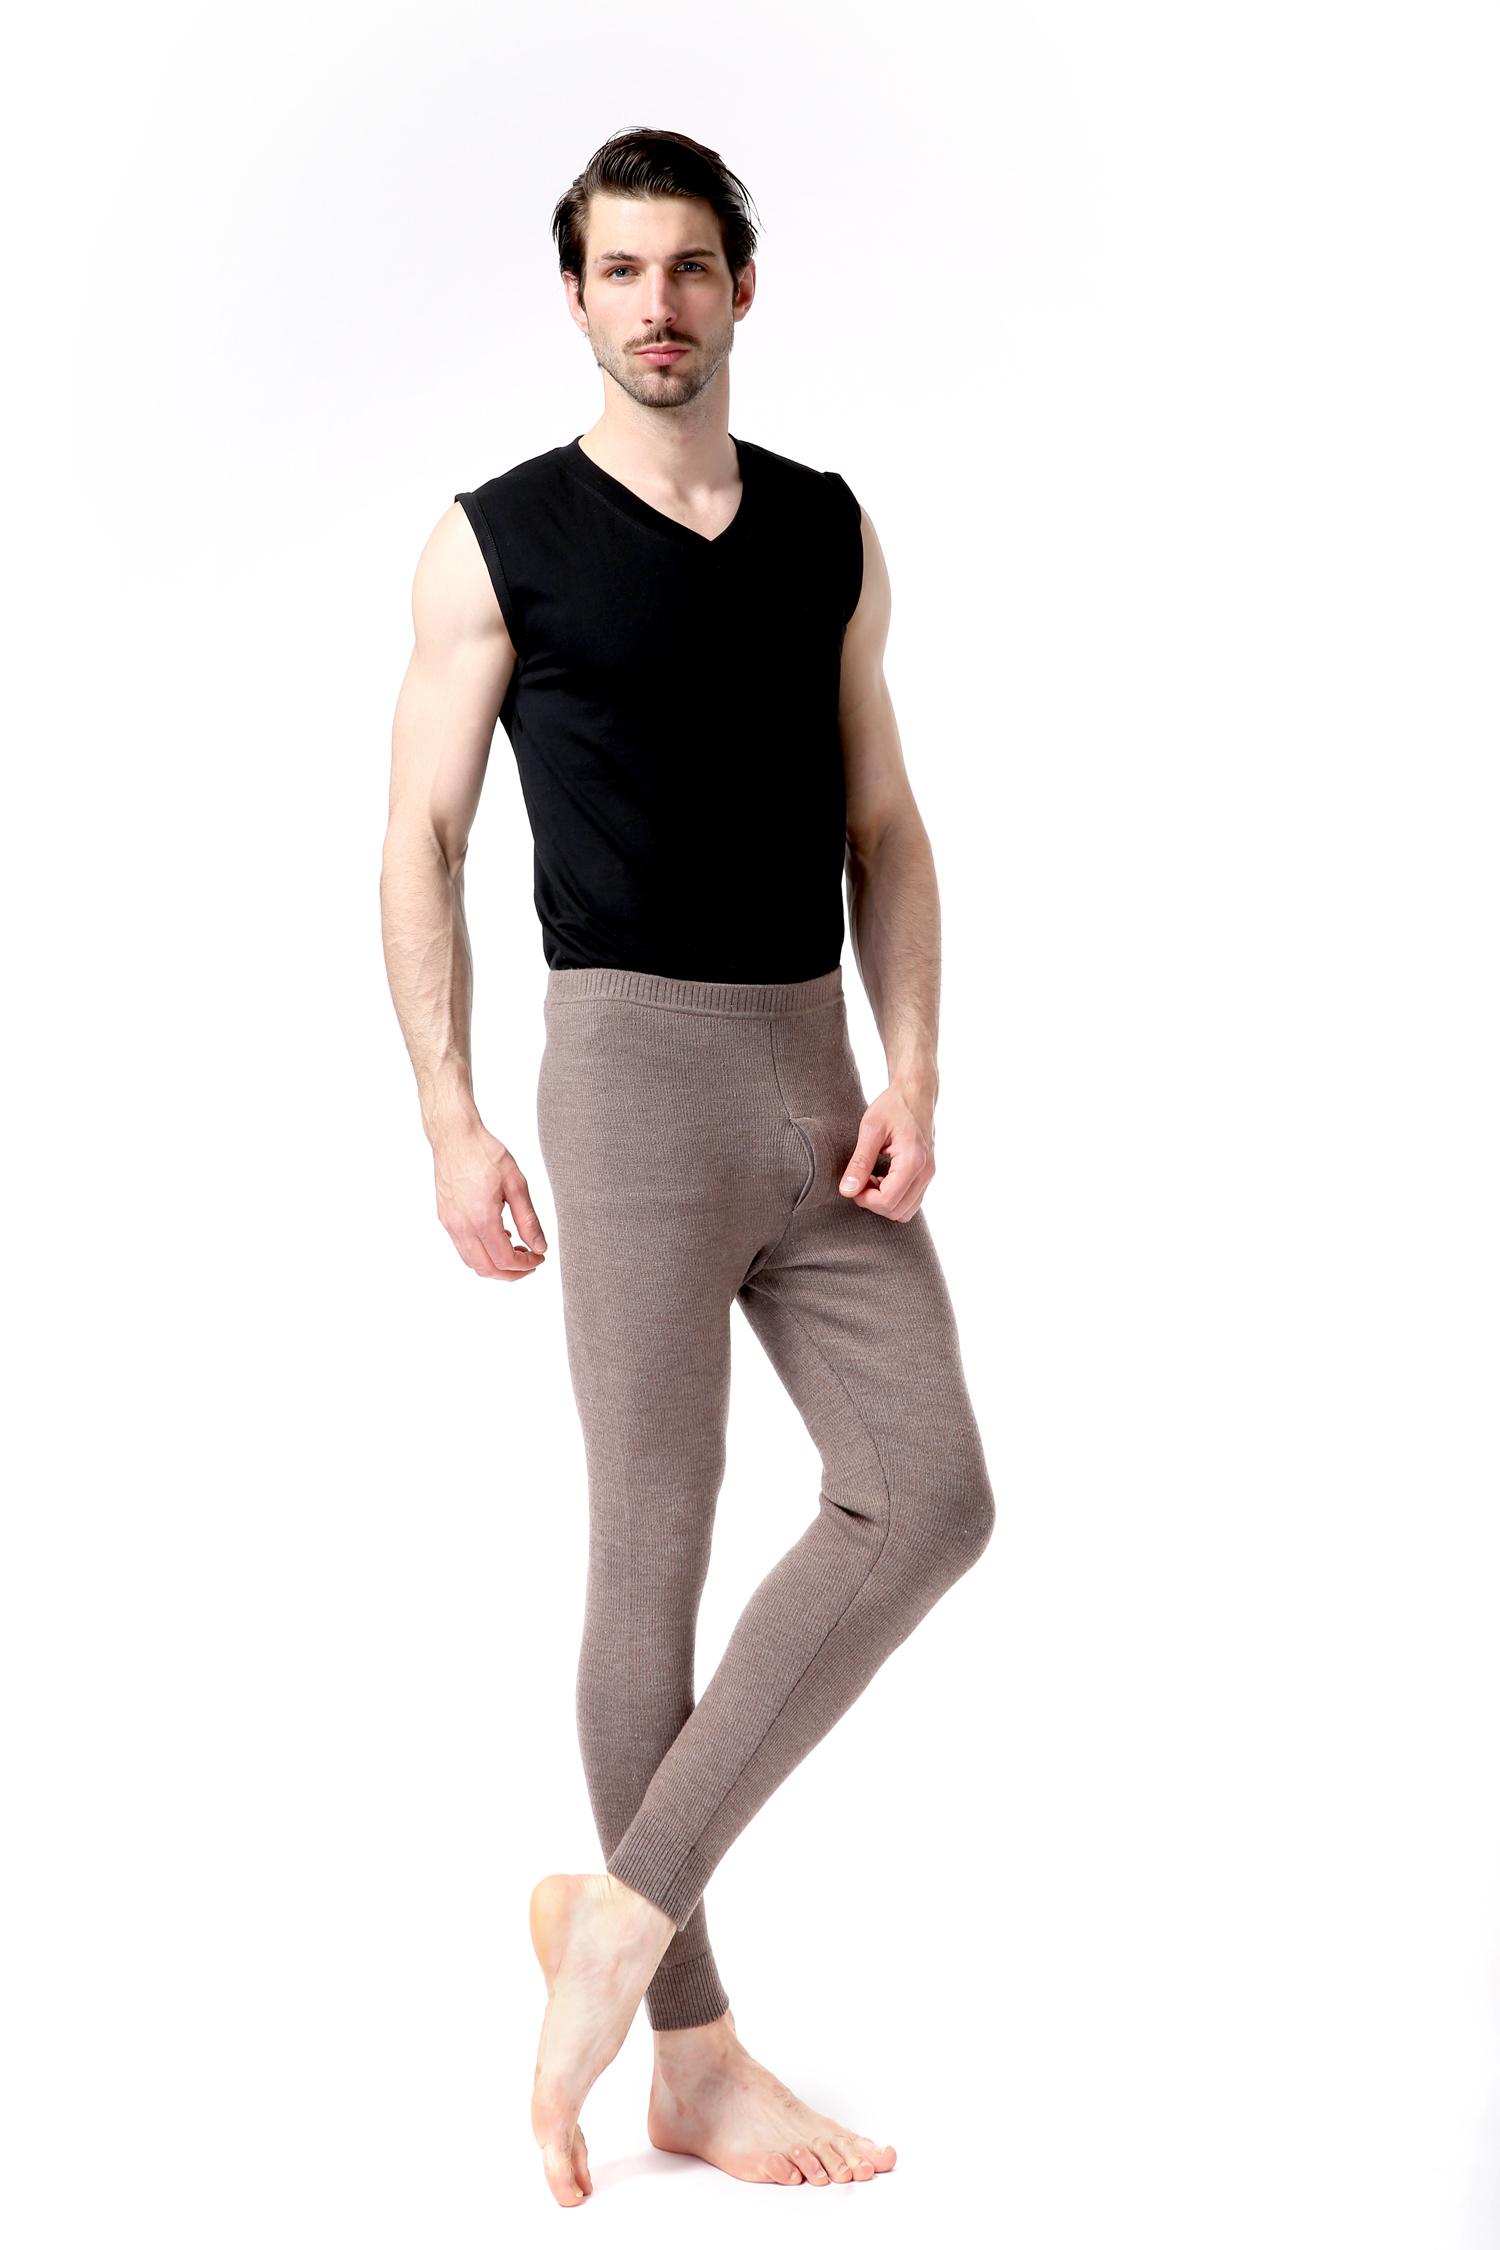 四子王旗男士打底绒裤_最有性价比的都兰诺斯澳毛男抽条裤要到哪儿买